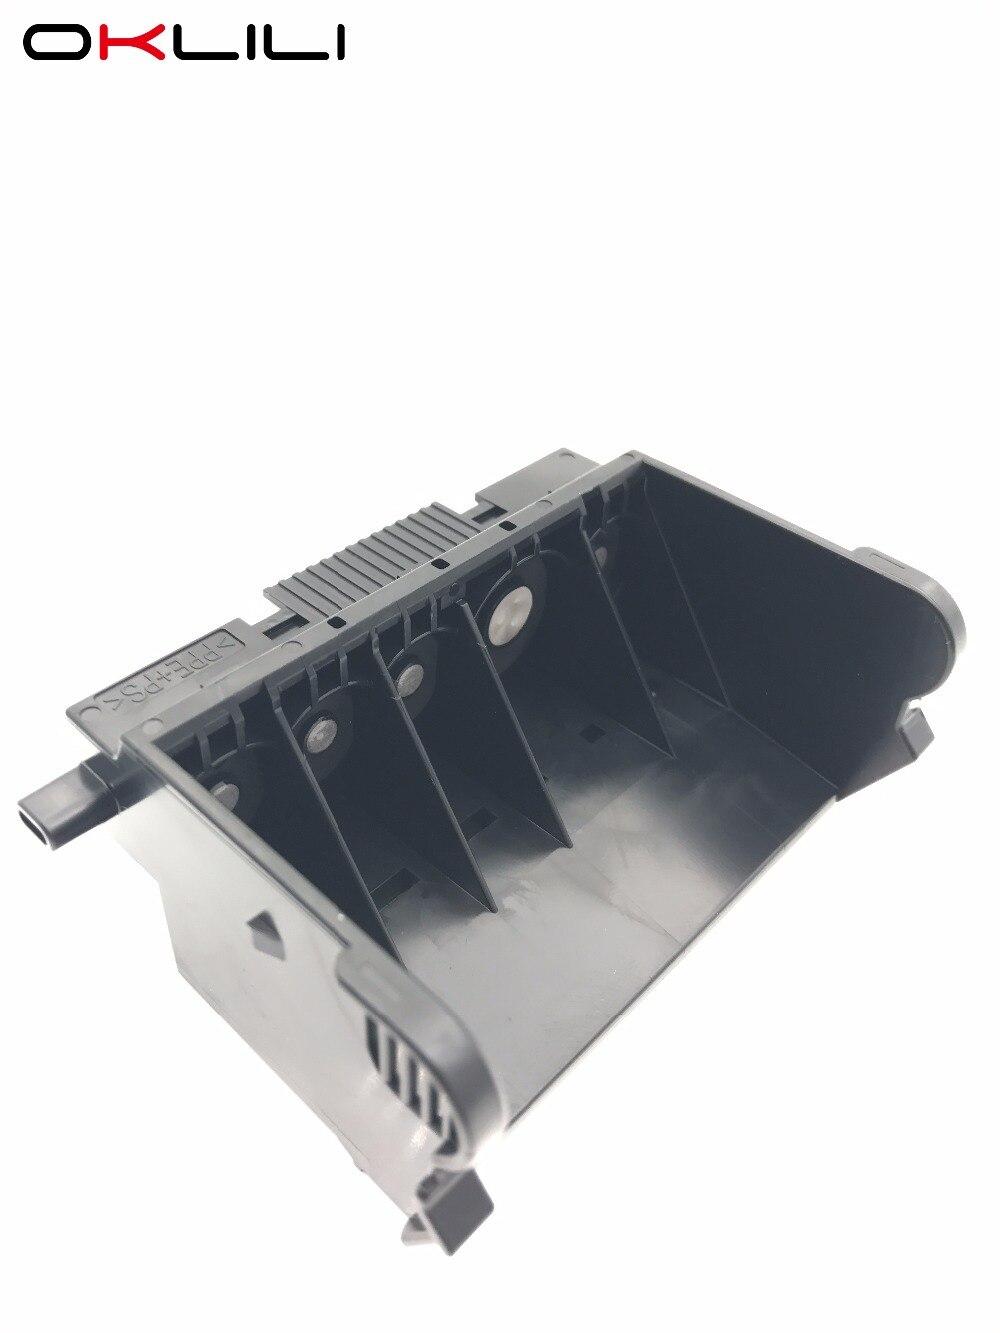 Canlı iP4200 MP500 MP530 üçün OKLILI ORIGINAL QY6-0059 - Ofis elektronikası - Fotoqrafiya 3